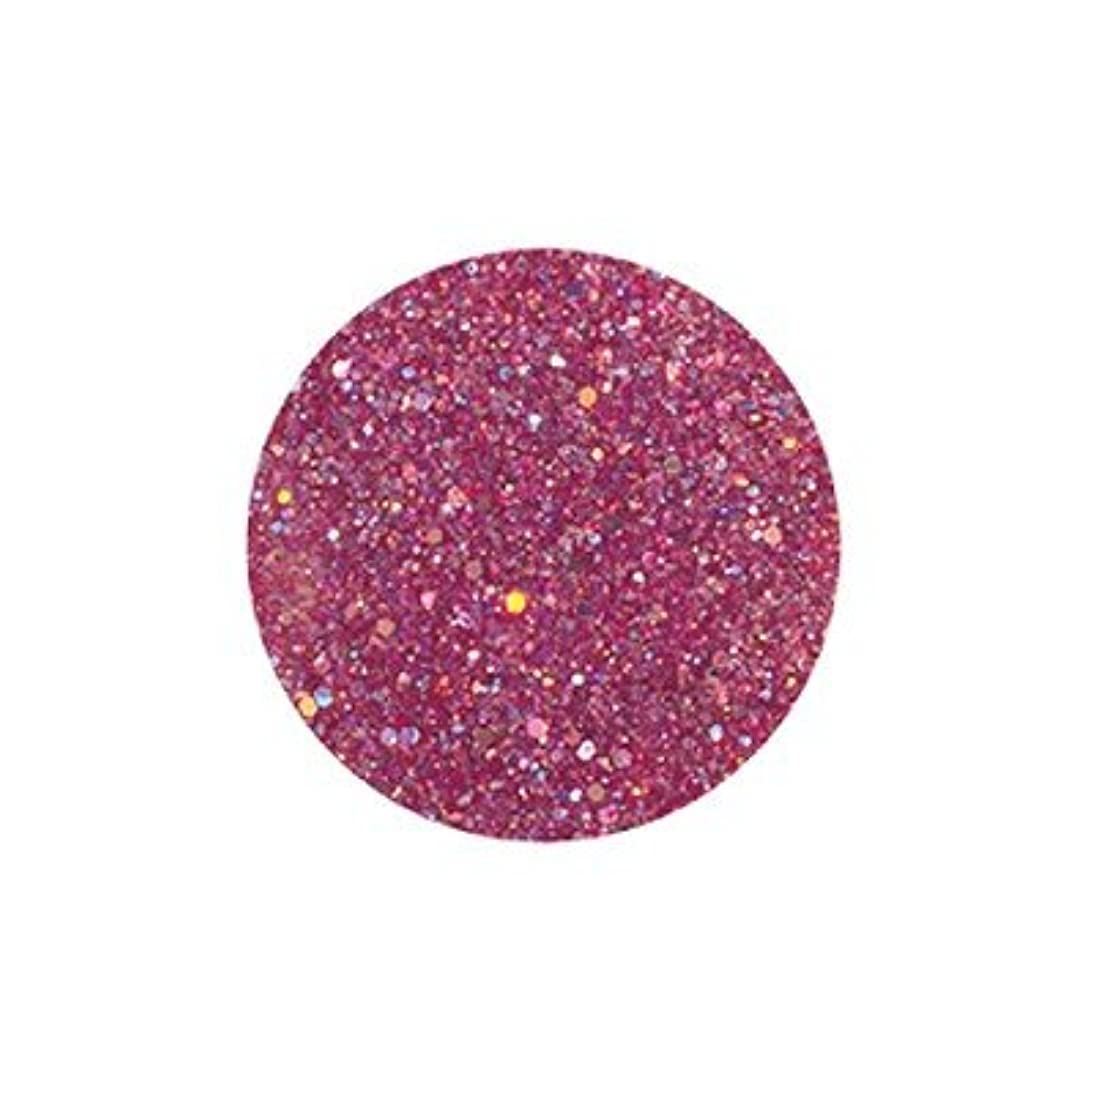 平和ランドリーリレーFANTASY NAIL ダイヤモンドコレクション 3g 4259XS カラーパウダー アート材